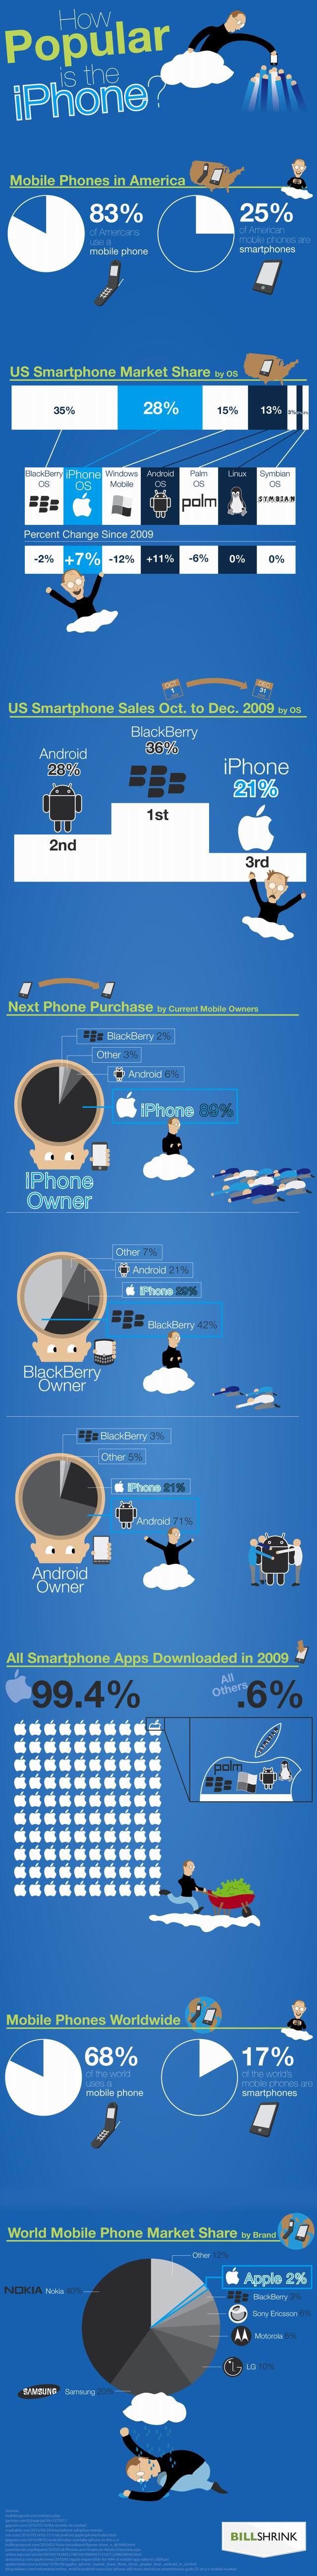 Quelle popularité pour l'iPhone?